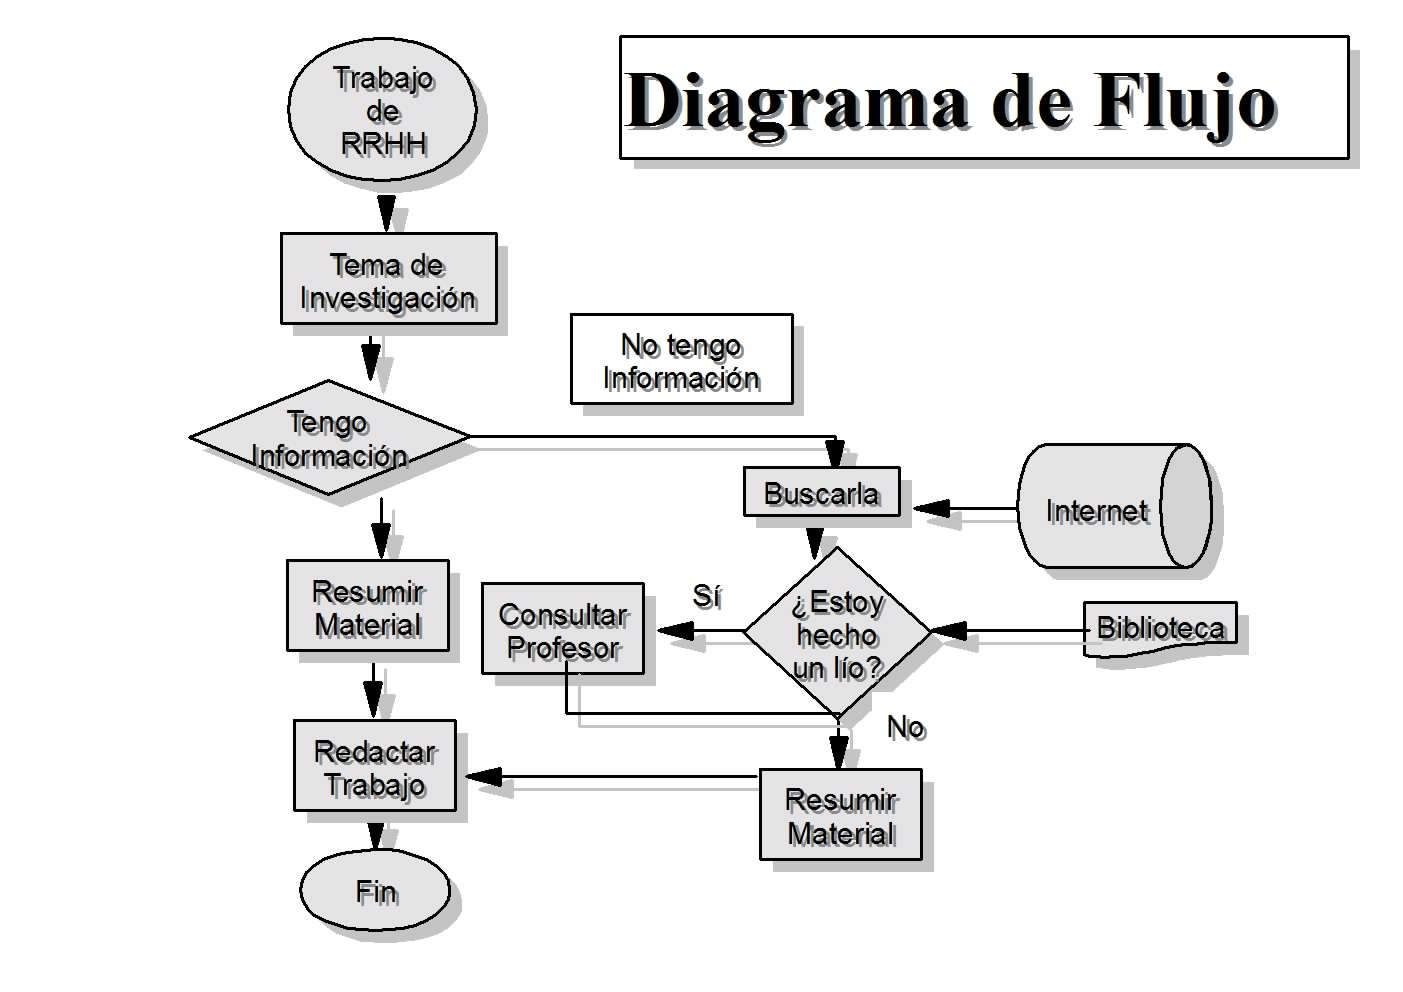 Desarrollo de sistemas de informaci n febrero 2011 for Cocina tradicional definicion